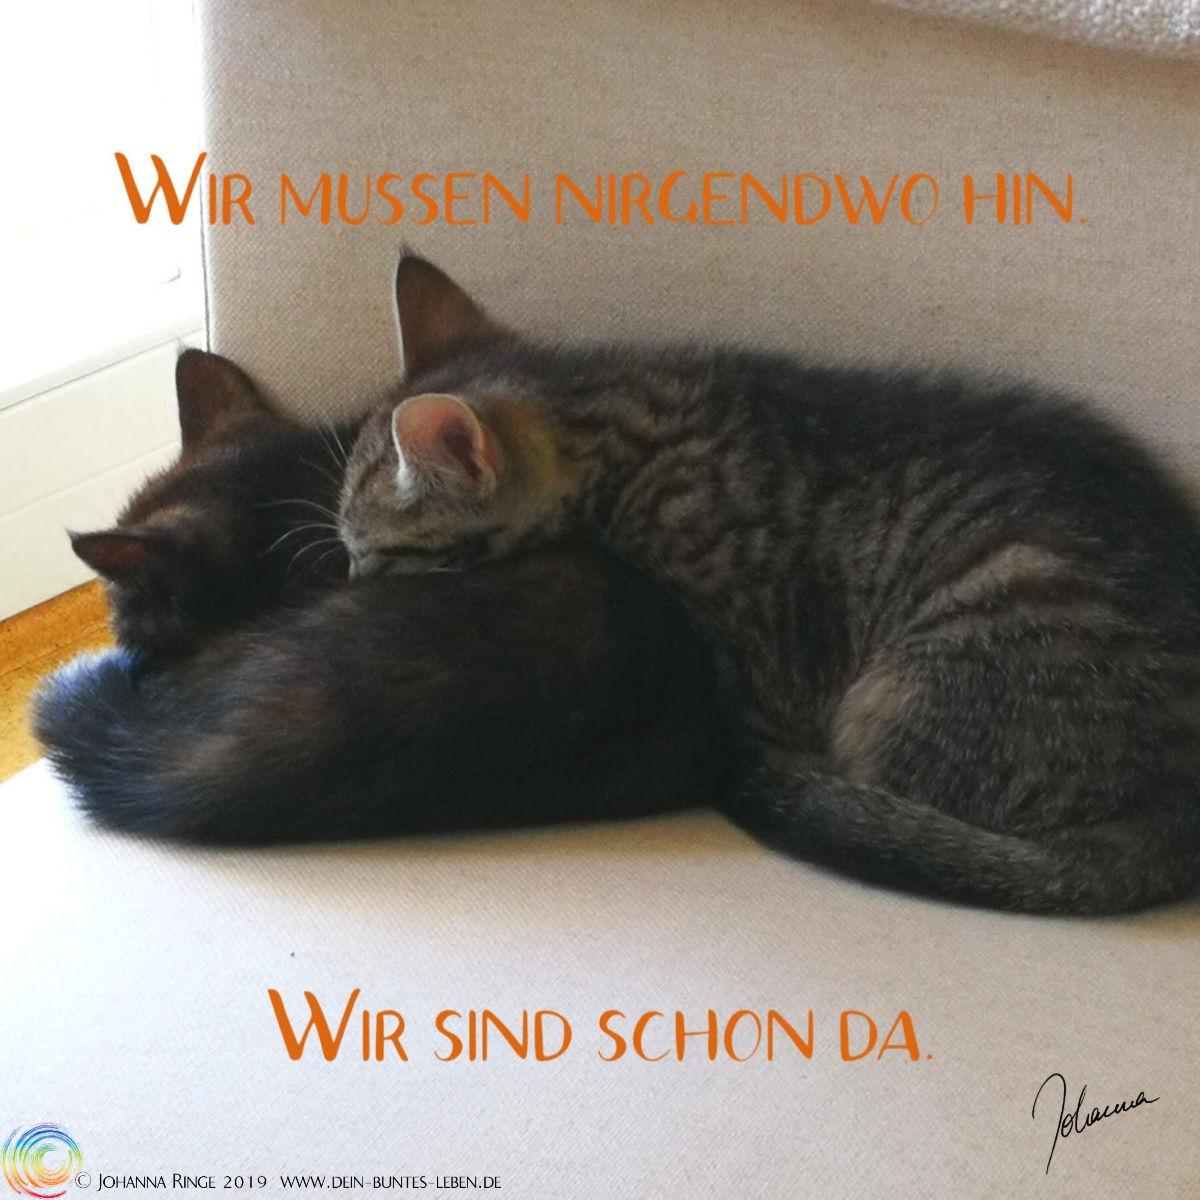 """Präsenz lernen von und mit Katzen: """"Wir müssen nirgendwohin, wir sind schon da."""" auf einem Photo zweier schlafender Kätzchen. ©Johanna Ringe 2019 www.dein-buntes-leben.de"""